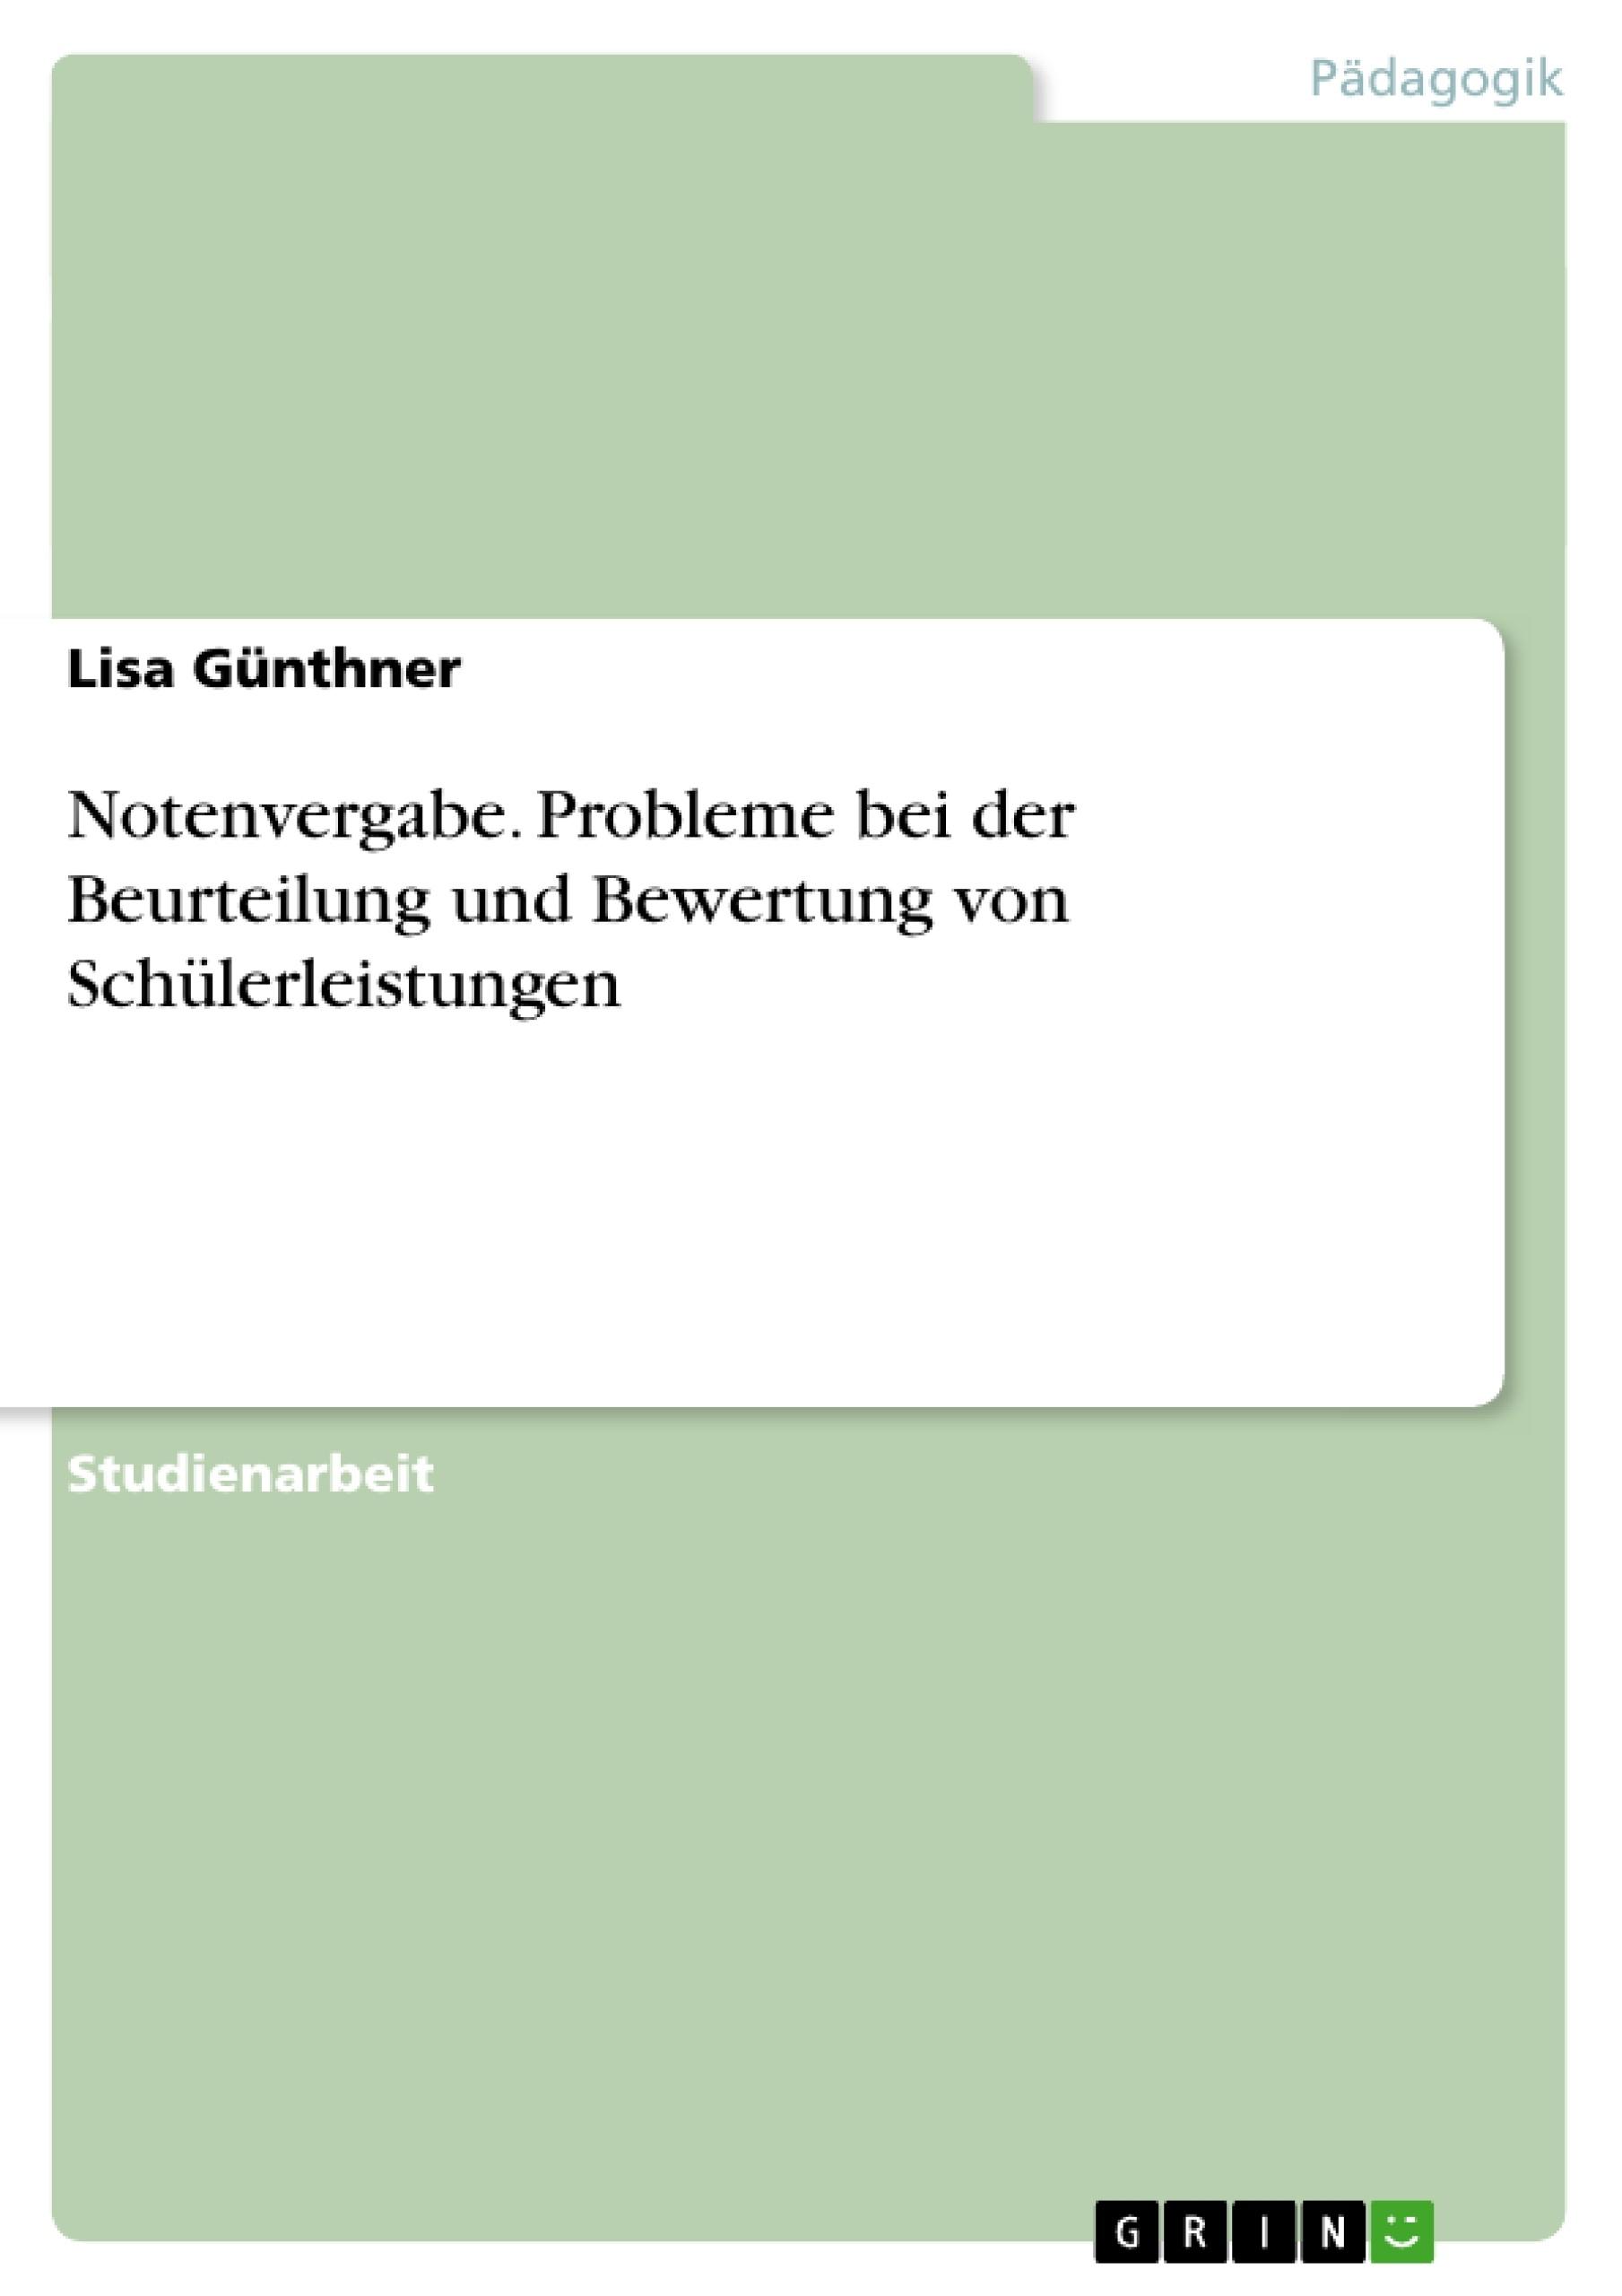 Titel: Notenvergabe. Probleme bei der Beurteilung und Bewertung von Schülerleistungen